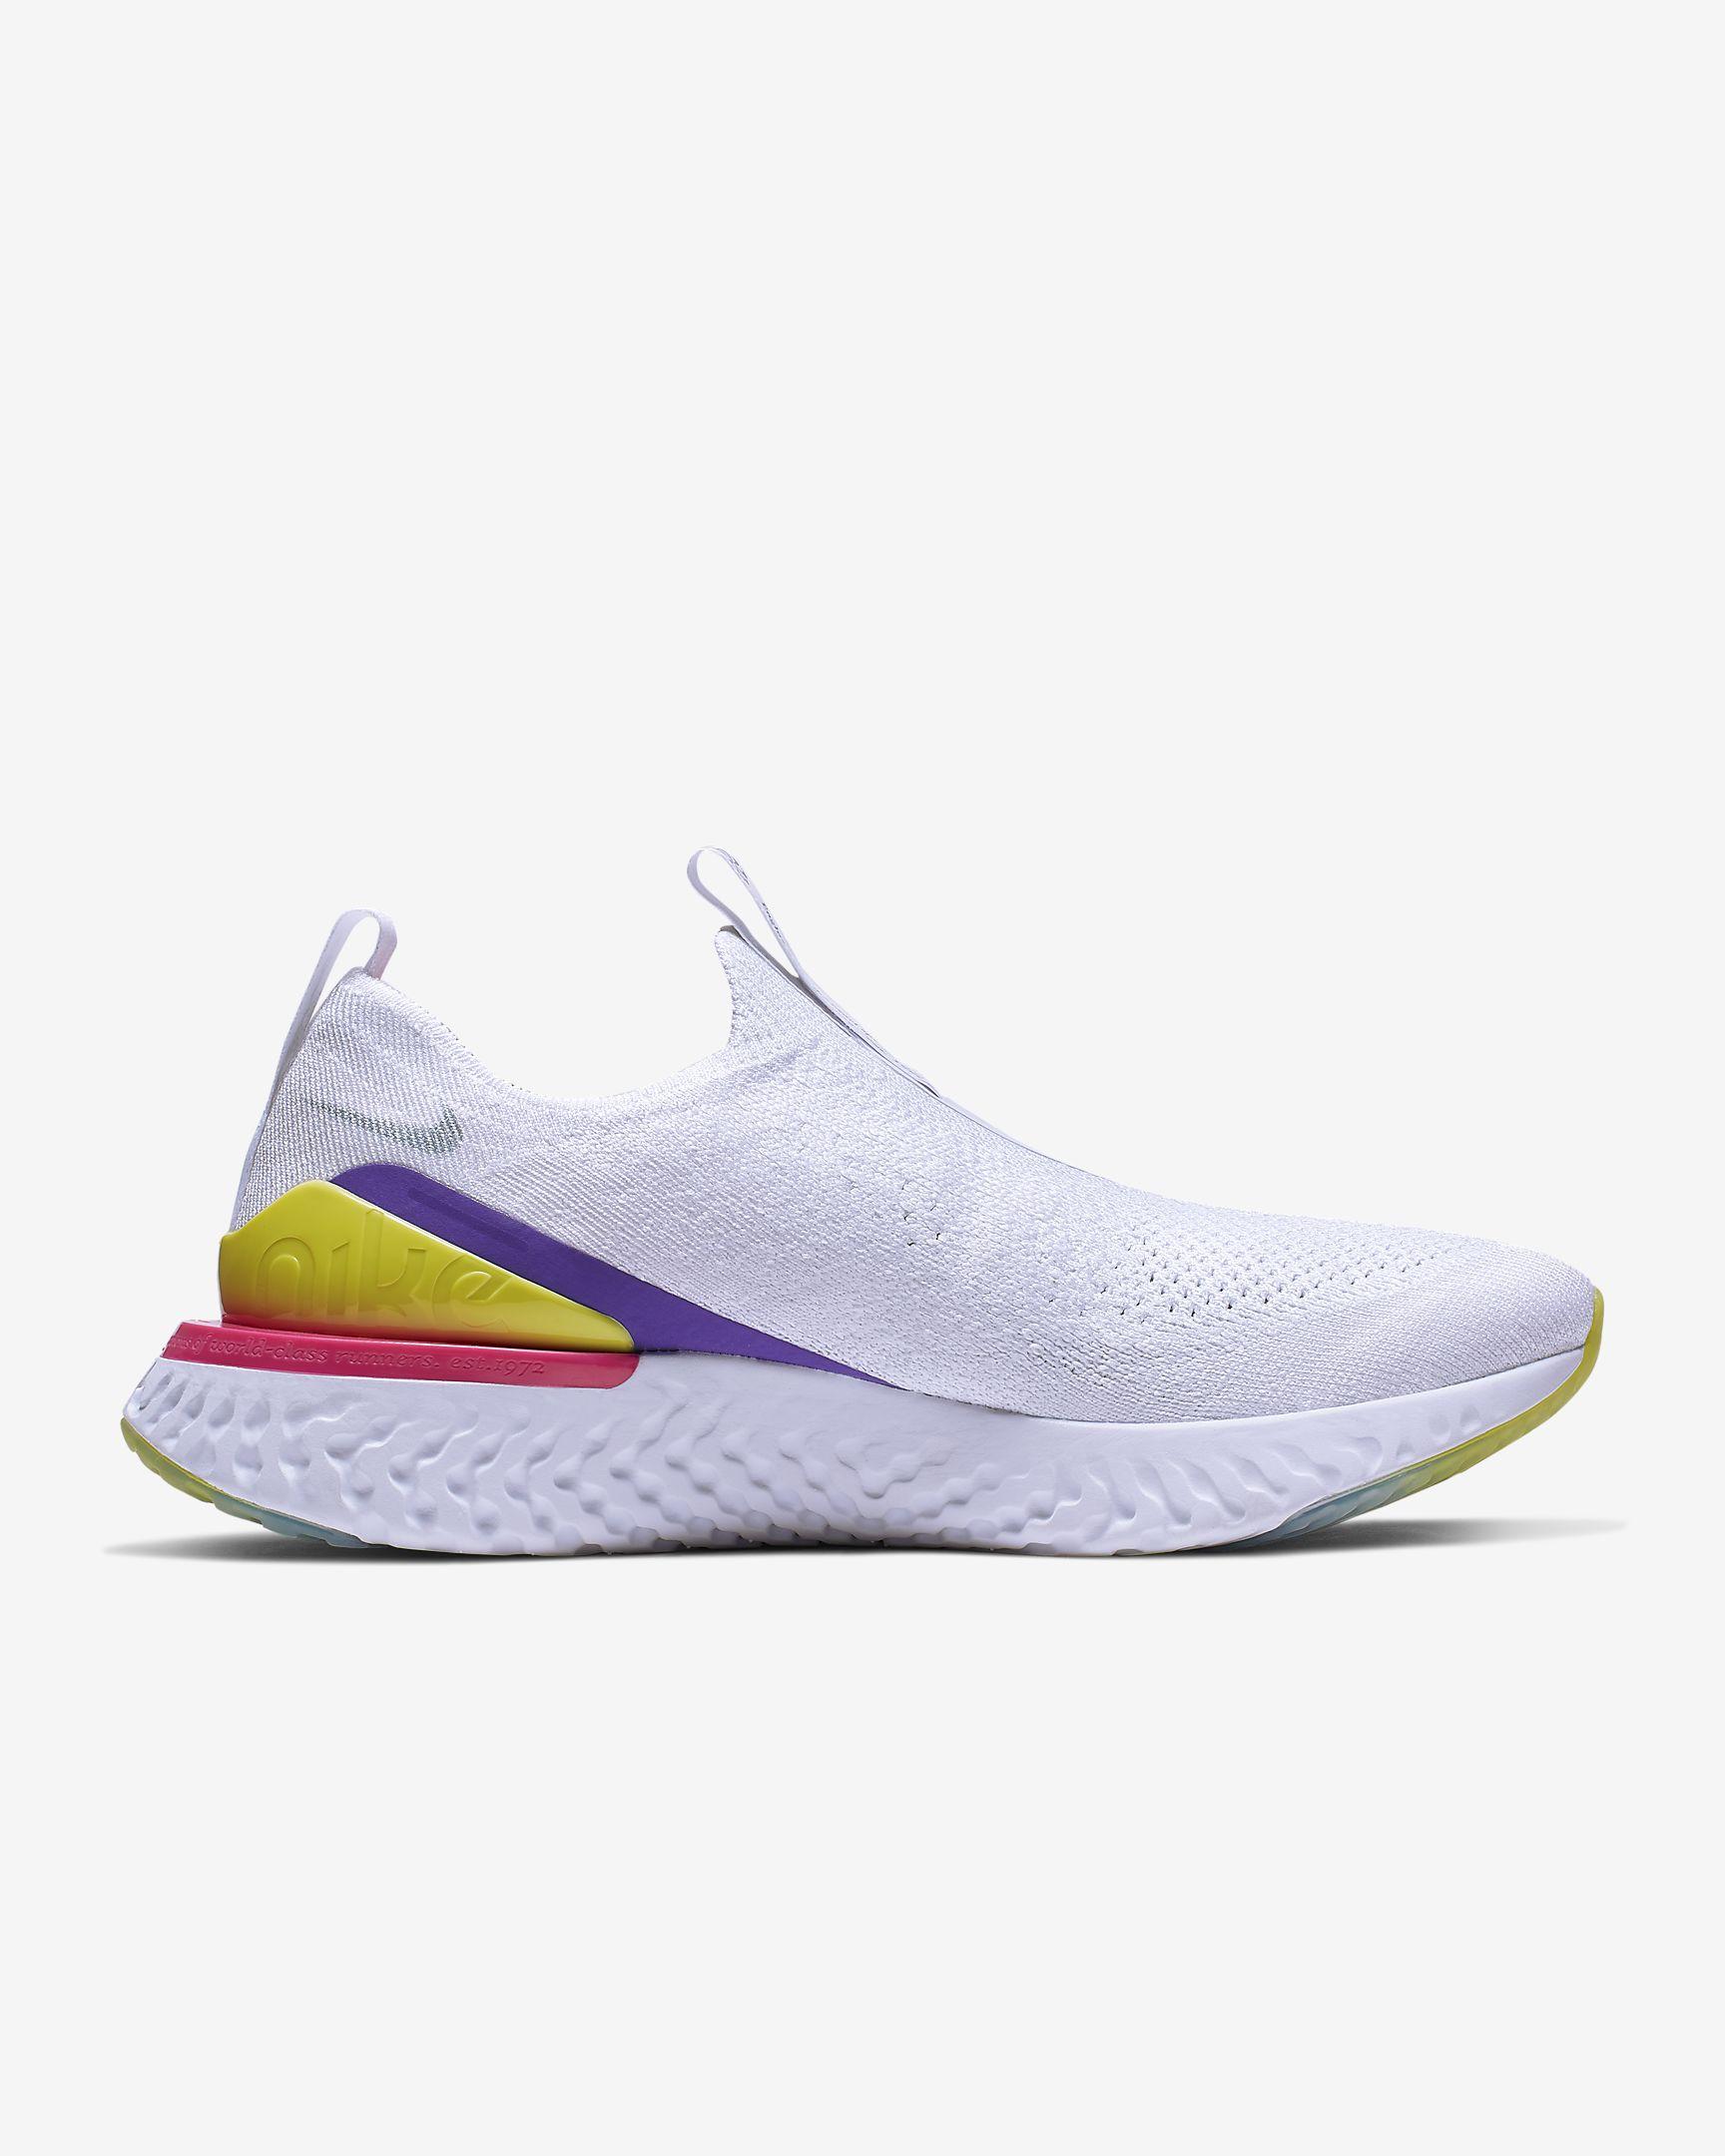 Zapatillas de running blancas con detalles de color